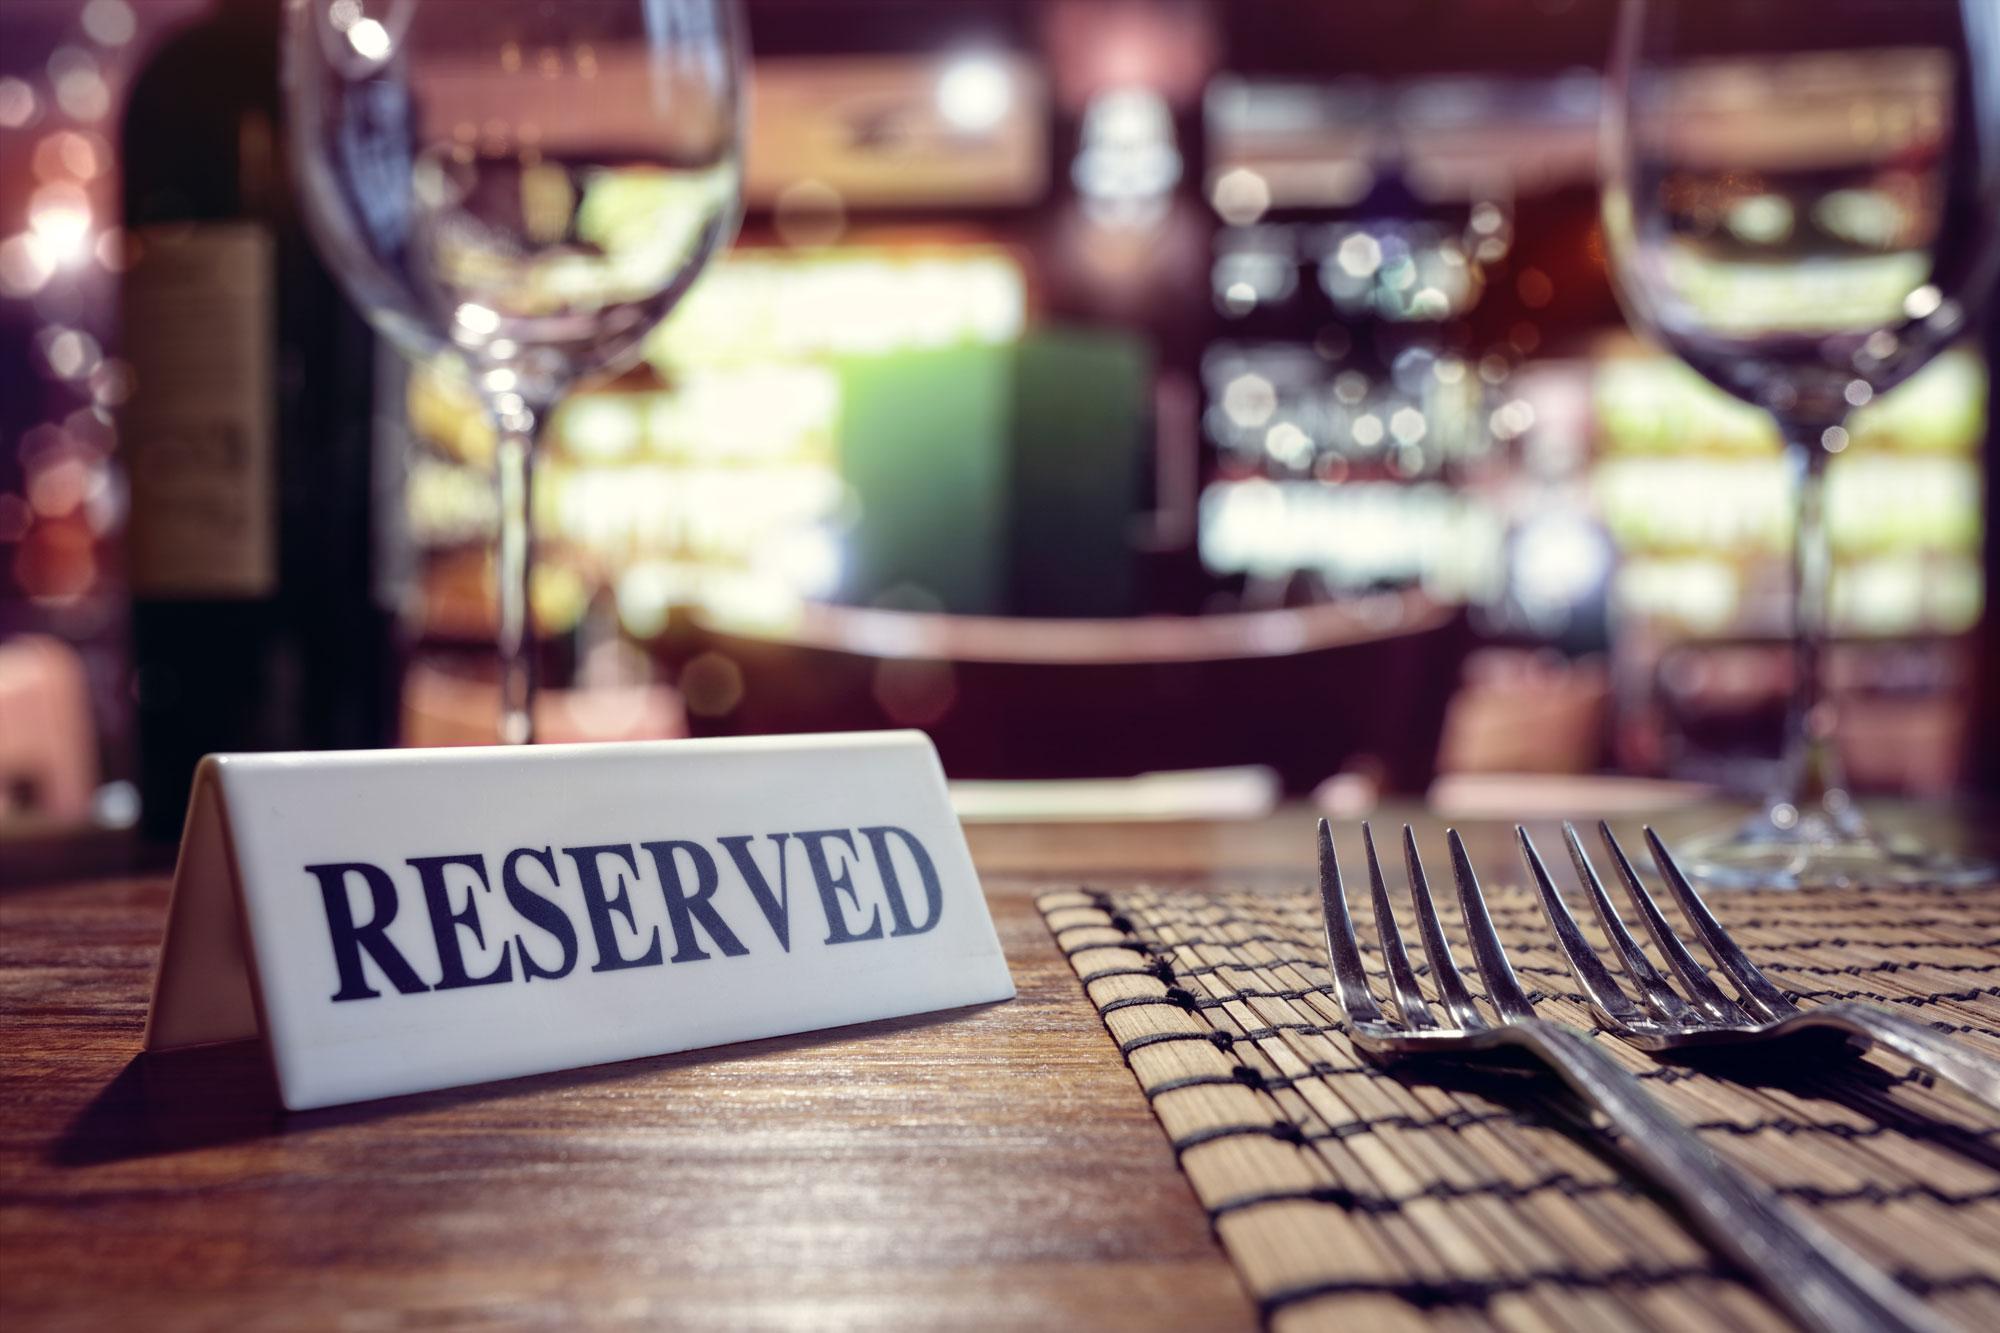 Lunch Banquet Menu